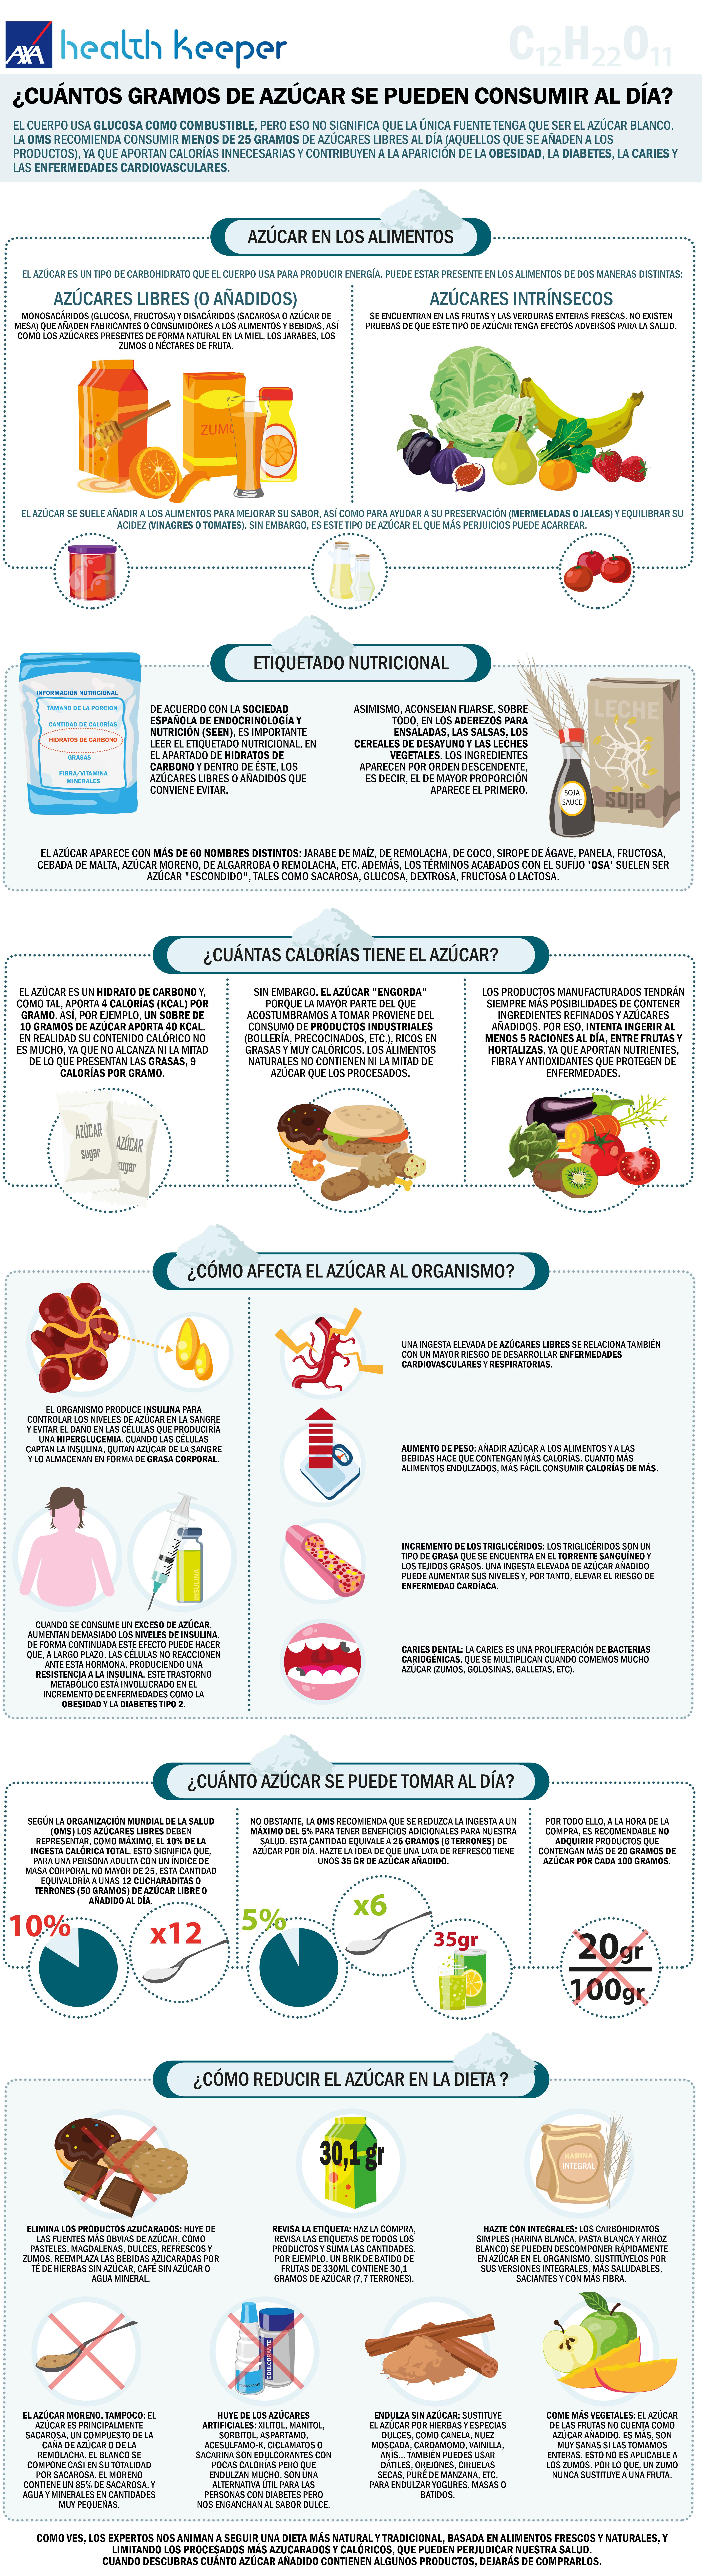 diabetes diaria recomendada para el consumo de azúcar